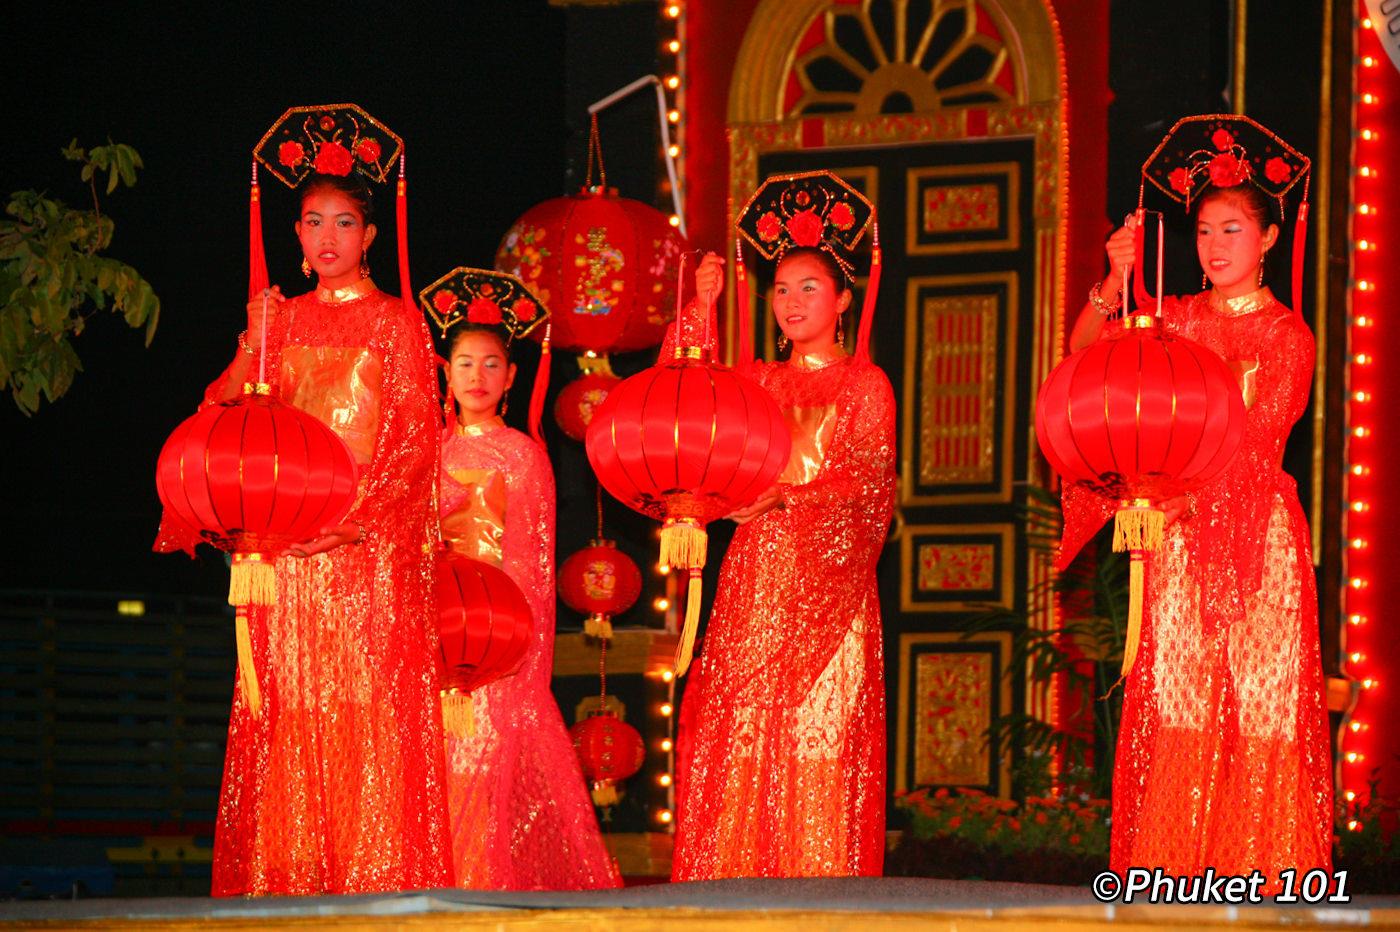 Chinese New Year in Phuket